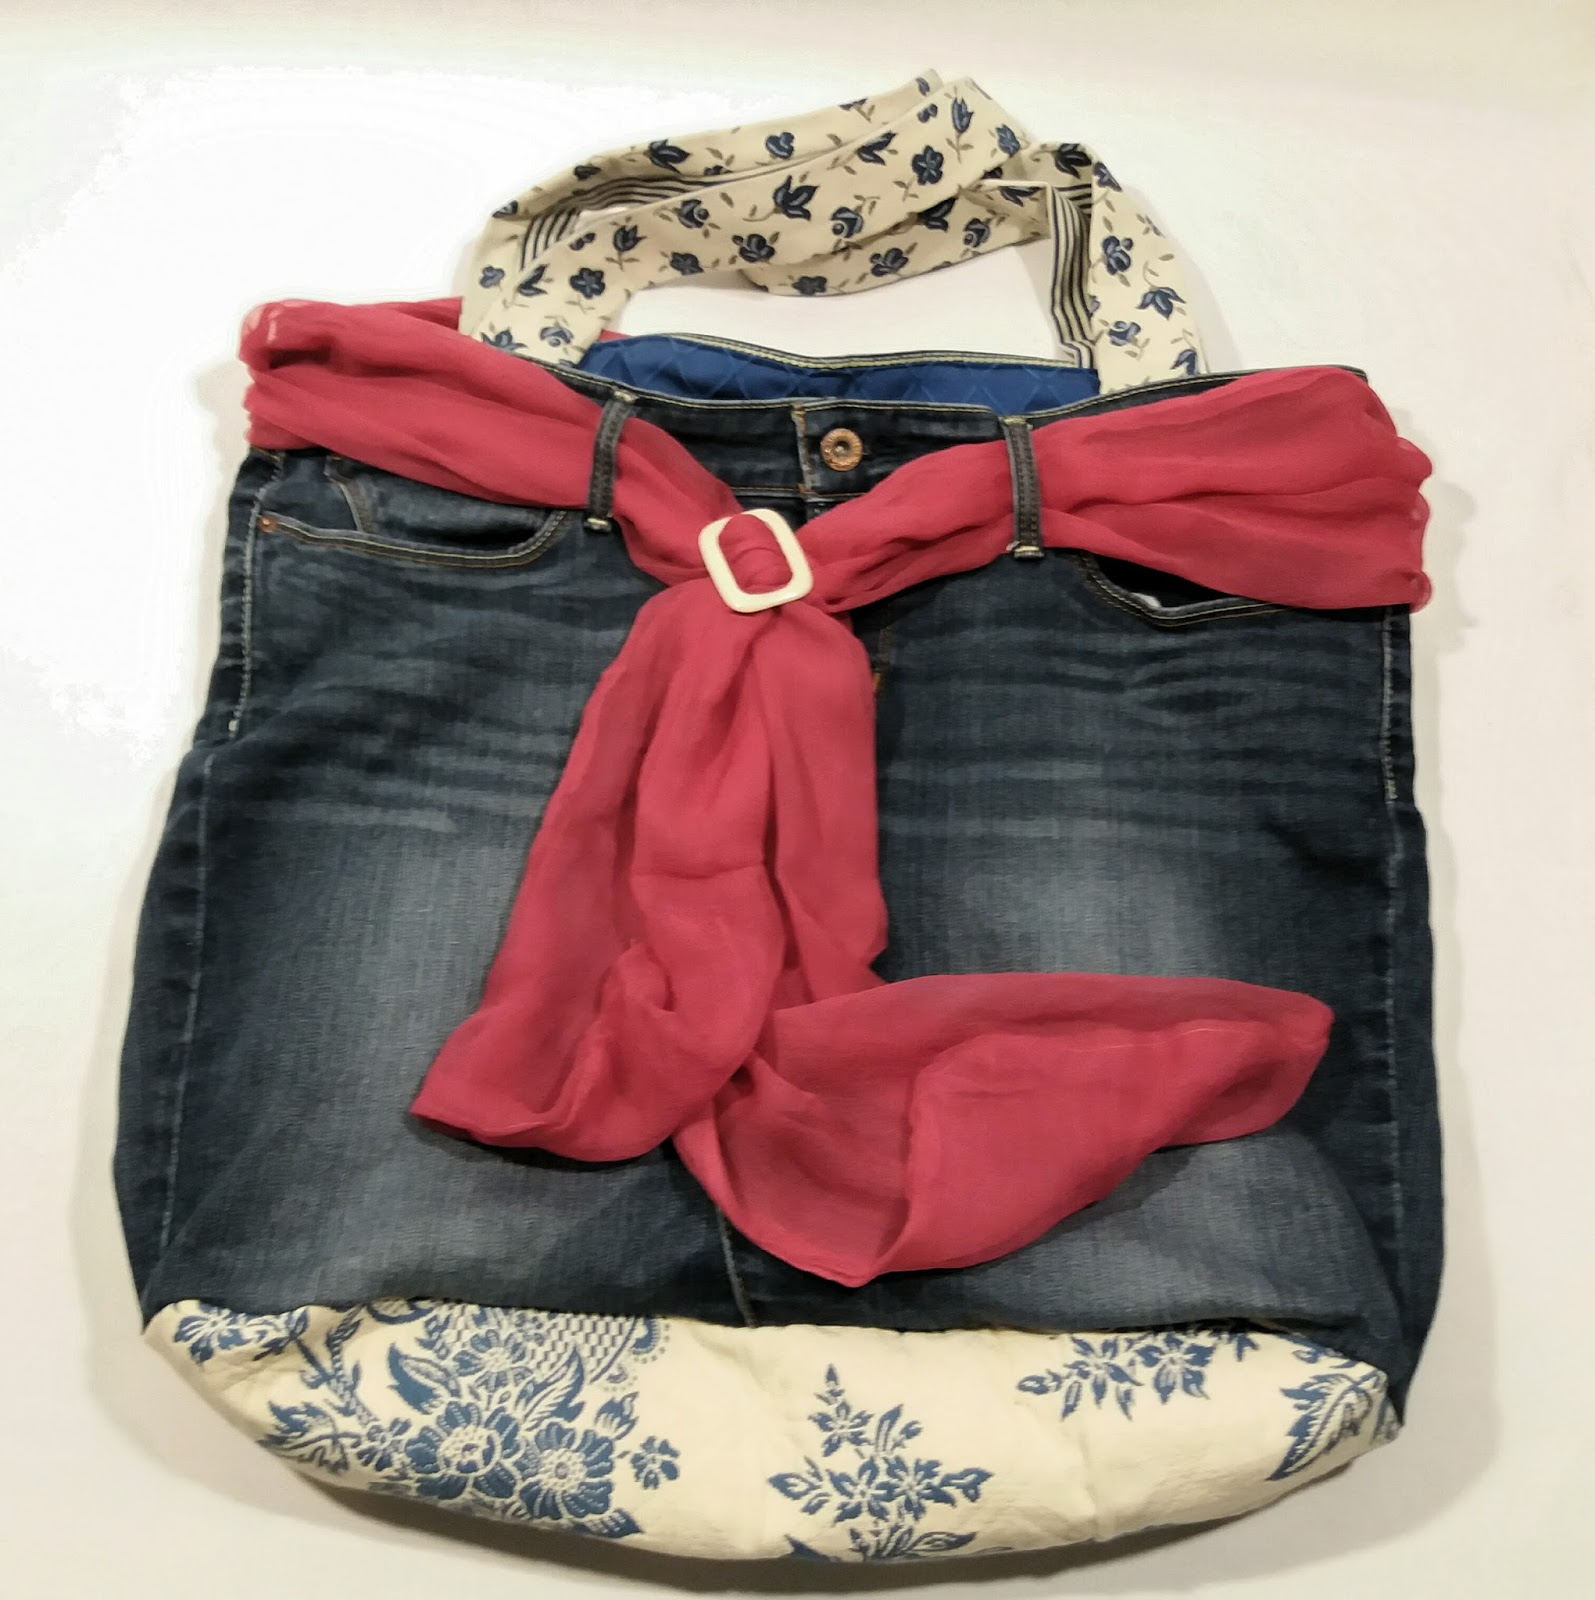 Borse Fatte A Mano Immagini : Ecoartigianato borse jeans fatte a mano uniche e originali